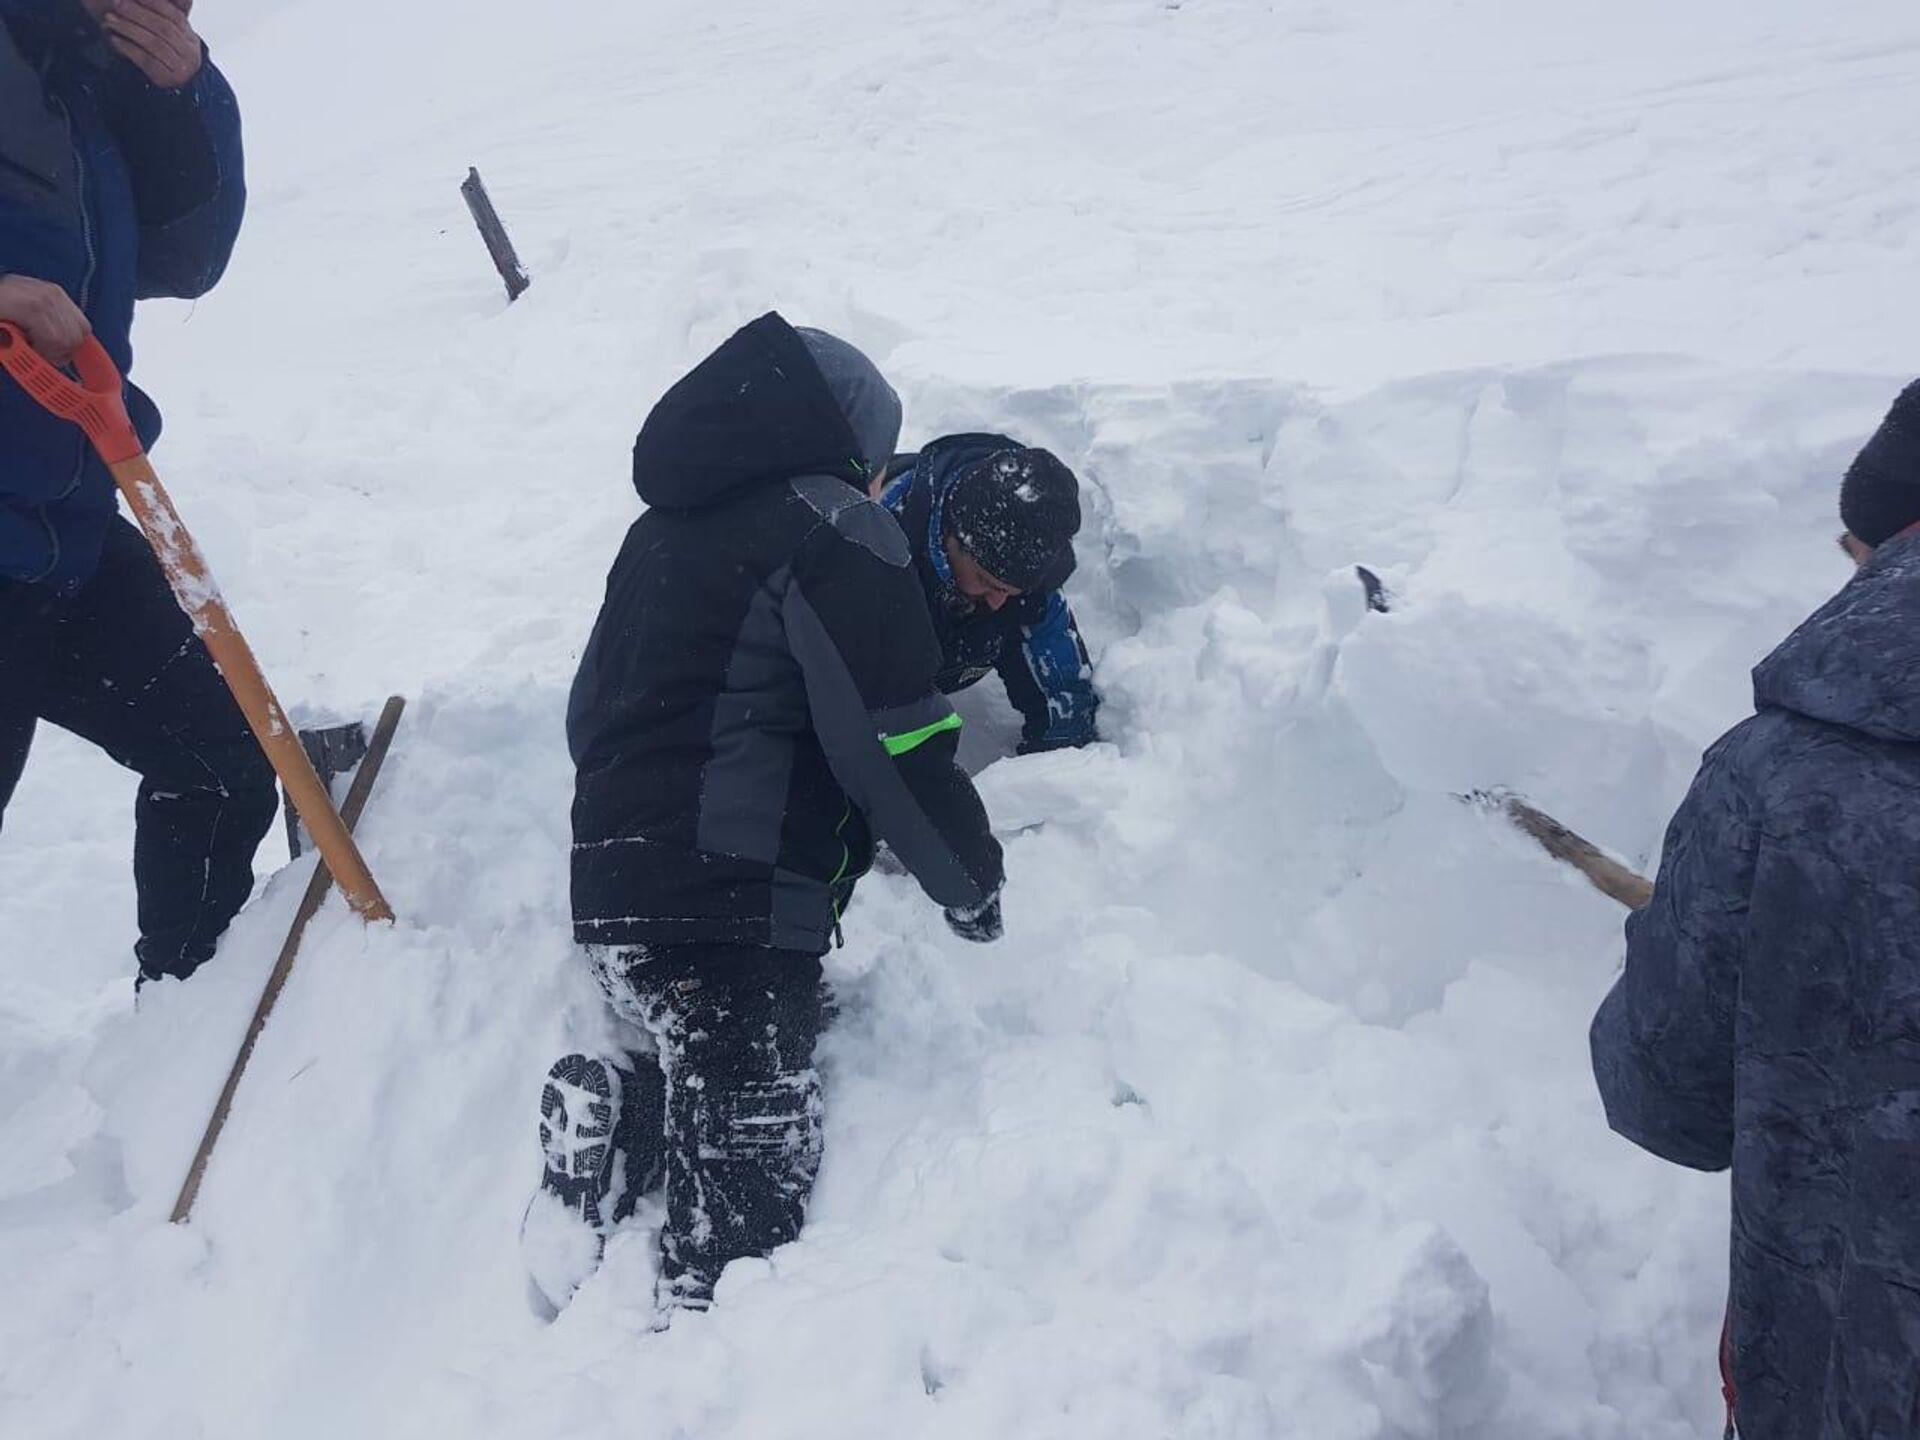 В селе Тиличики камчатские спасатели вызволили подростка, попавшего в снежную ловушку - РИА Новости, 1920, 04.02.2021